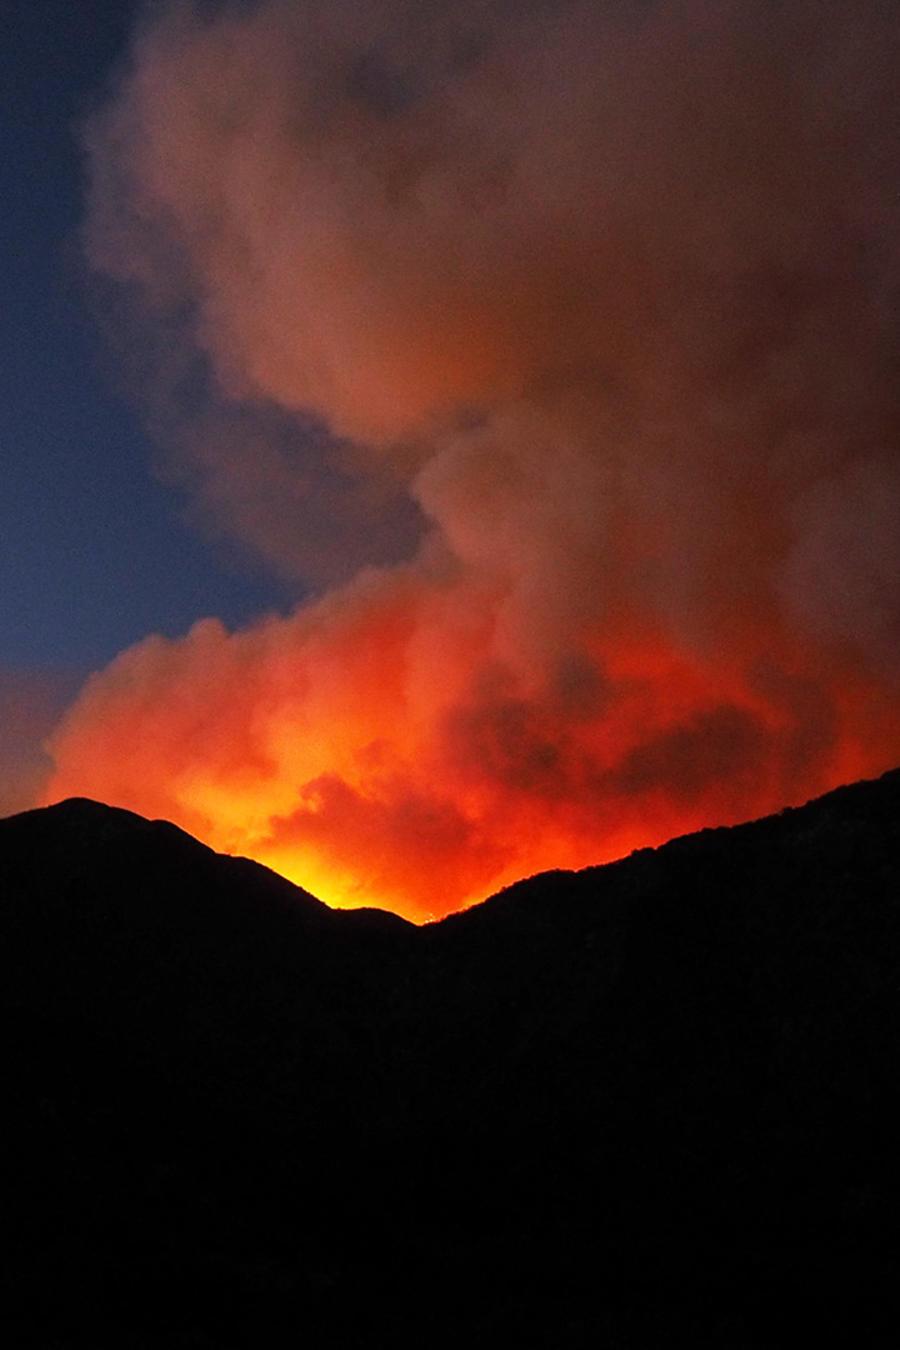 Peligroso incendio afecta zonas de California